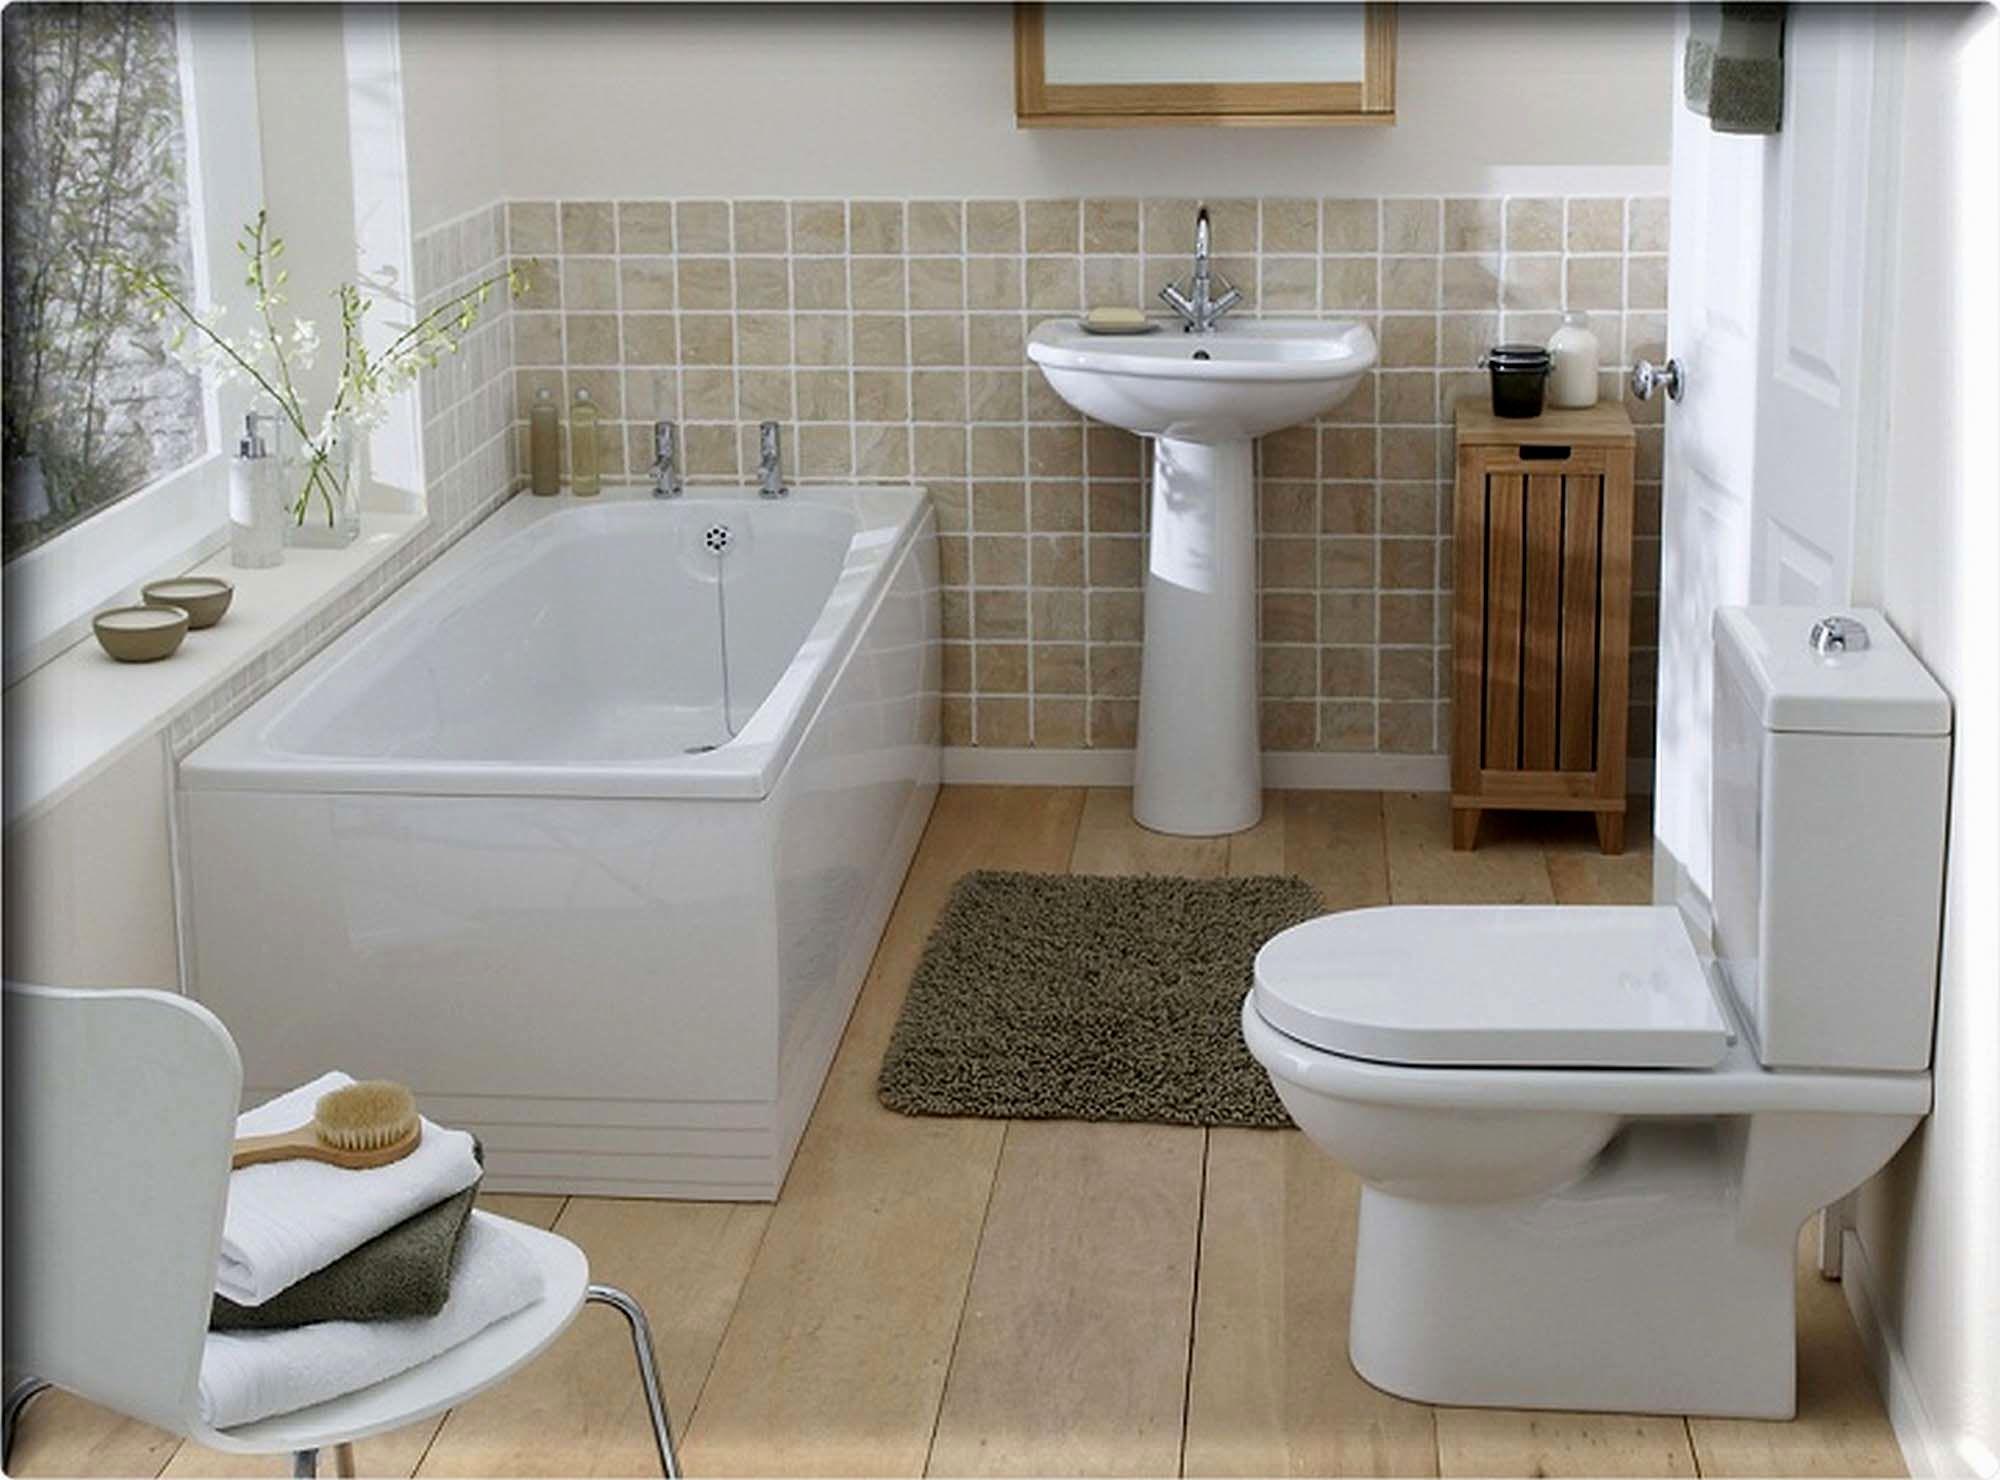 stylish blue bathroom ideas design-Beautiful Blue Bathroom Ideas Wallpaper